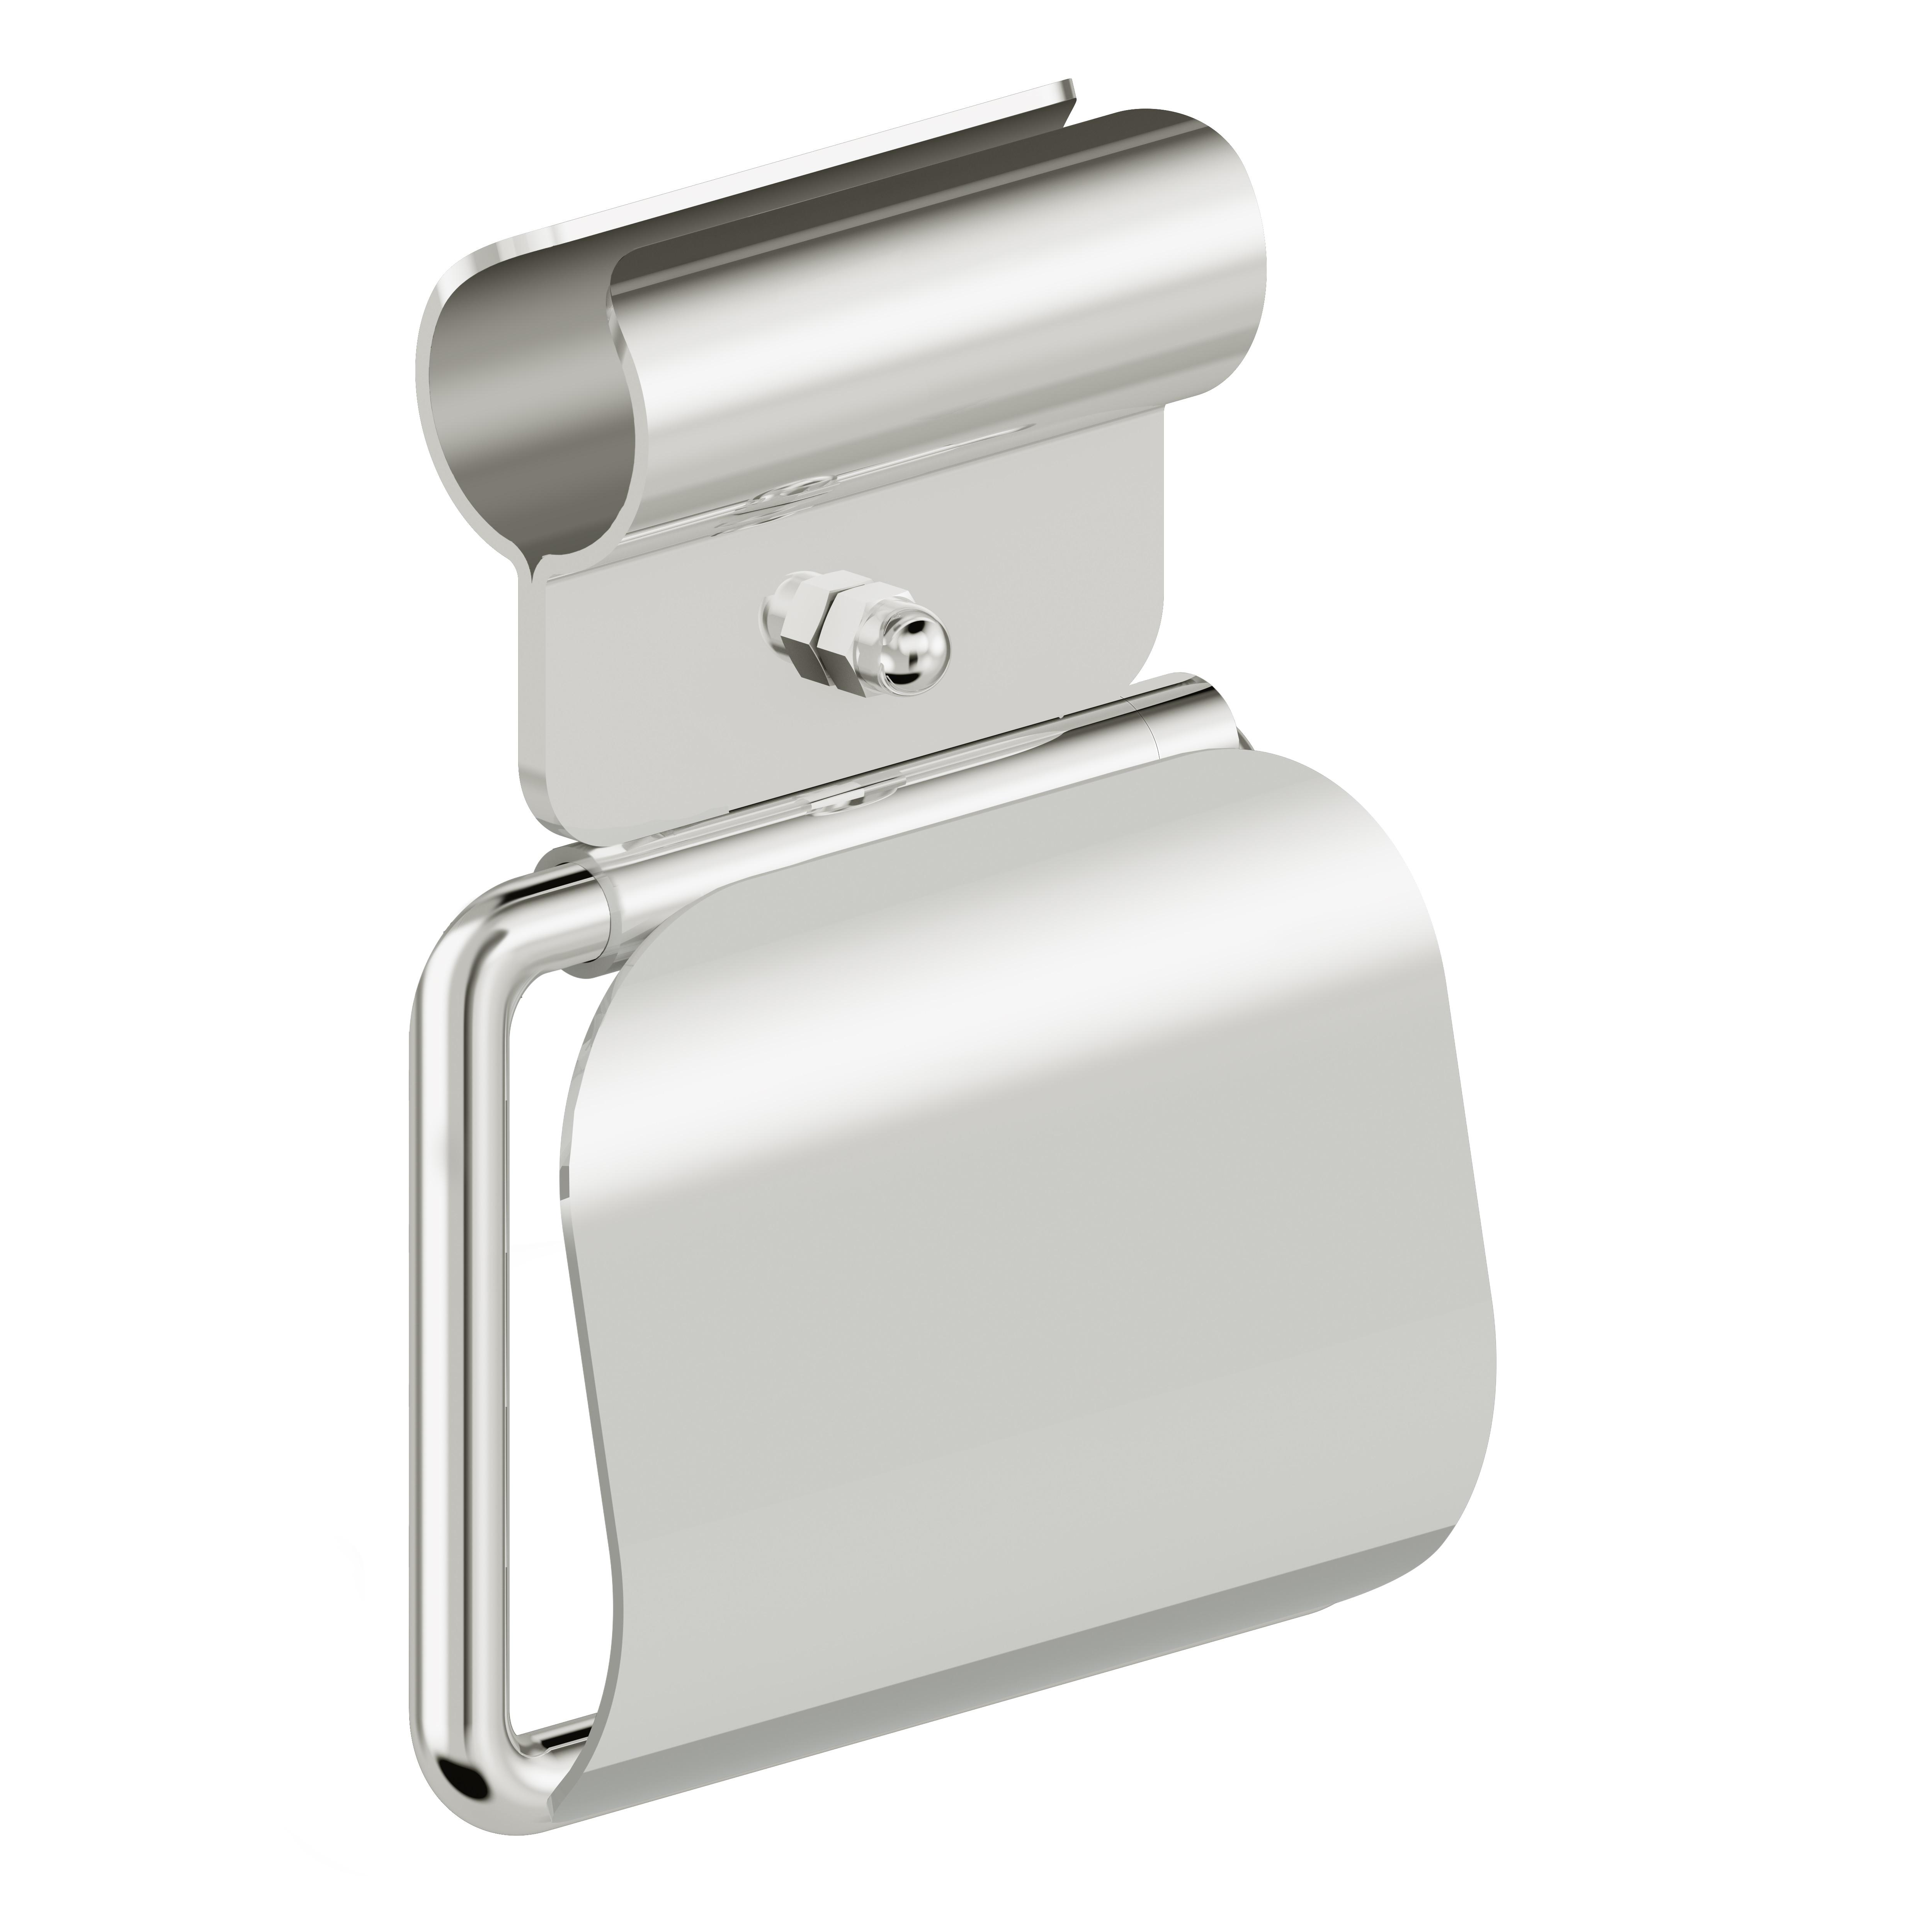 Foto - WC-Papierrollenhalter mit Blattstopper, Klemmbefestigung, Edelstahl glatt poliert, rechte Ausführung - Artikel L1103210 - Serie Funktion von Lehnen